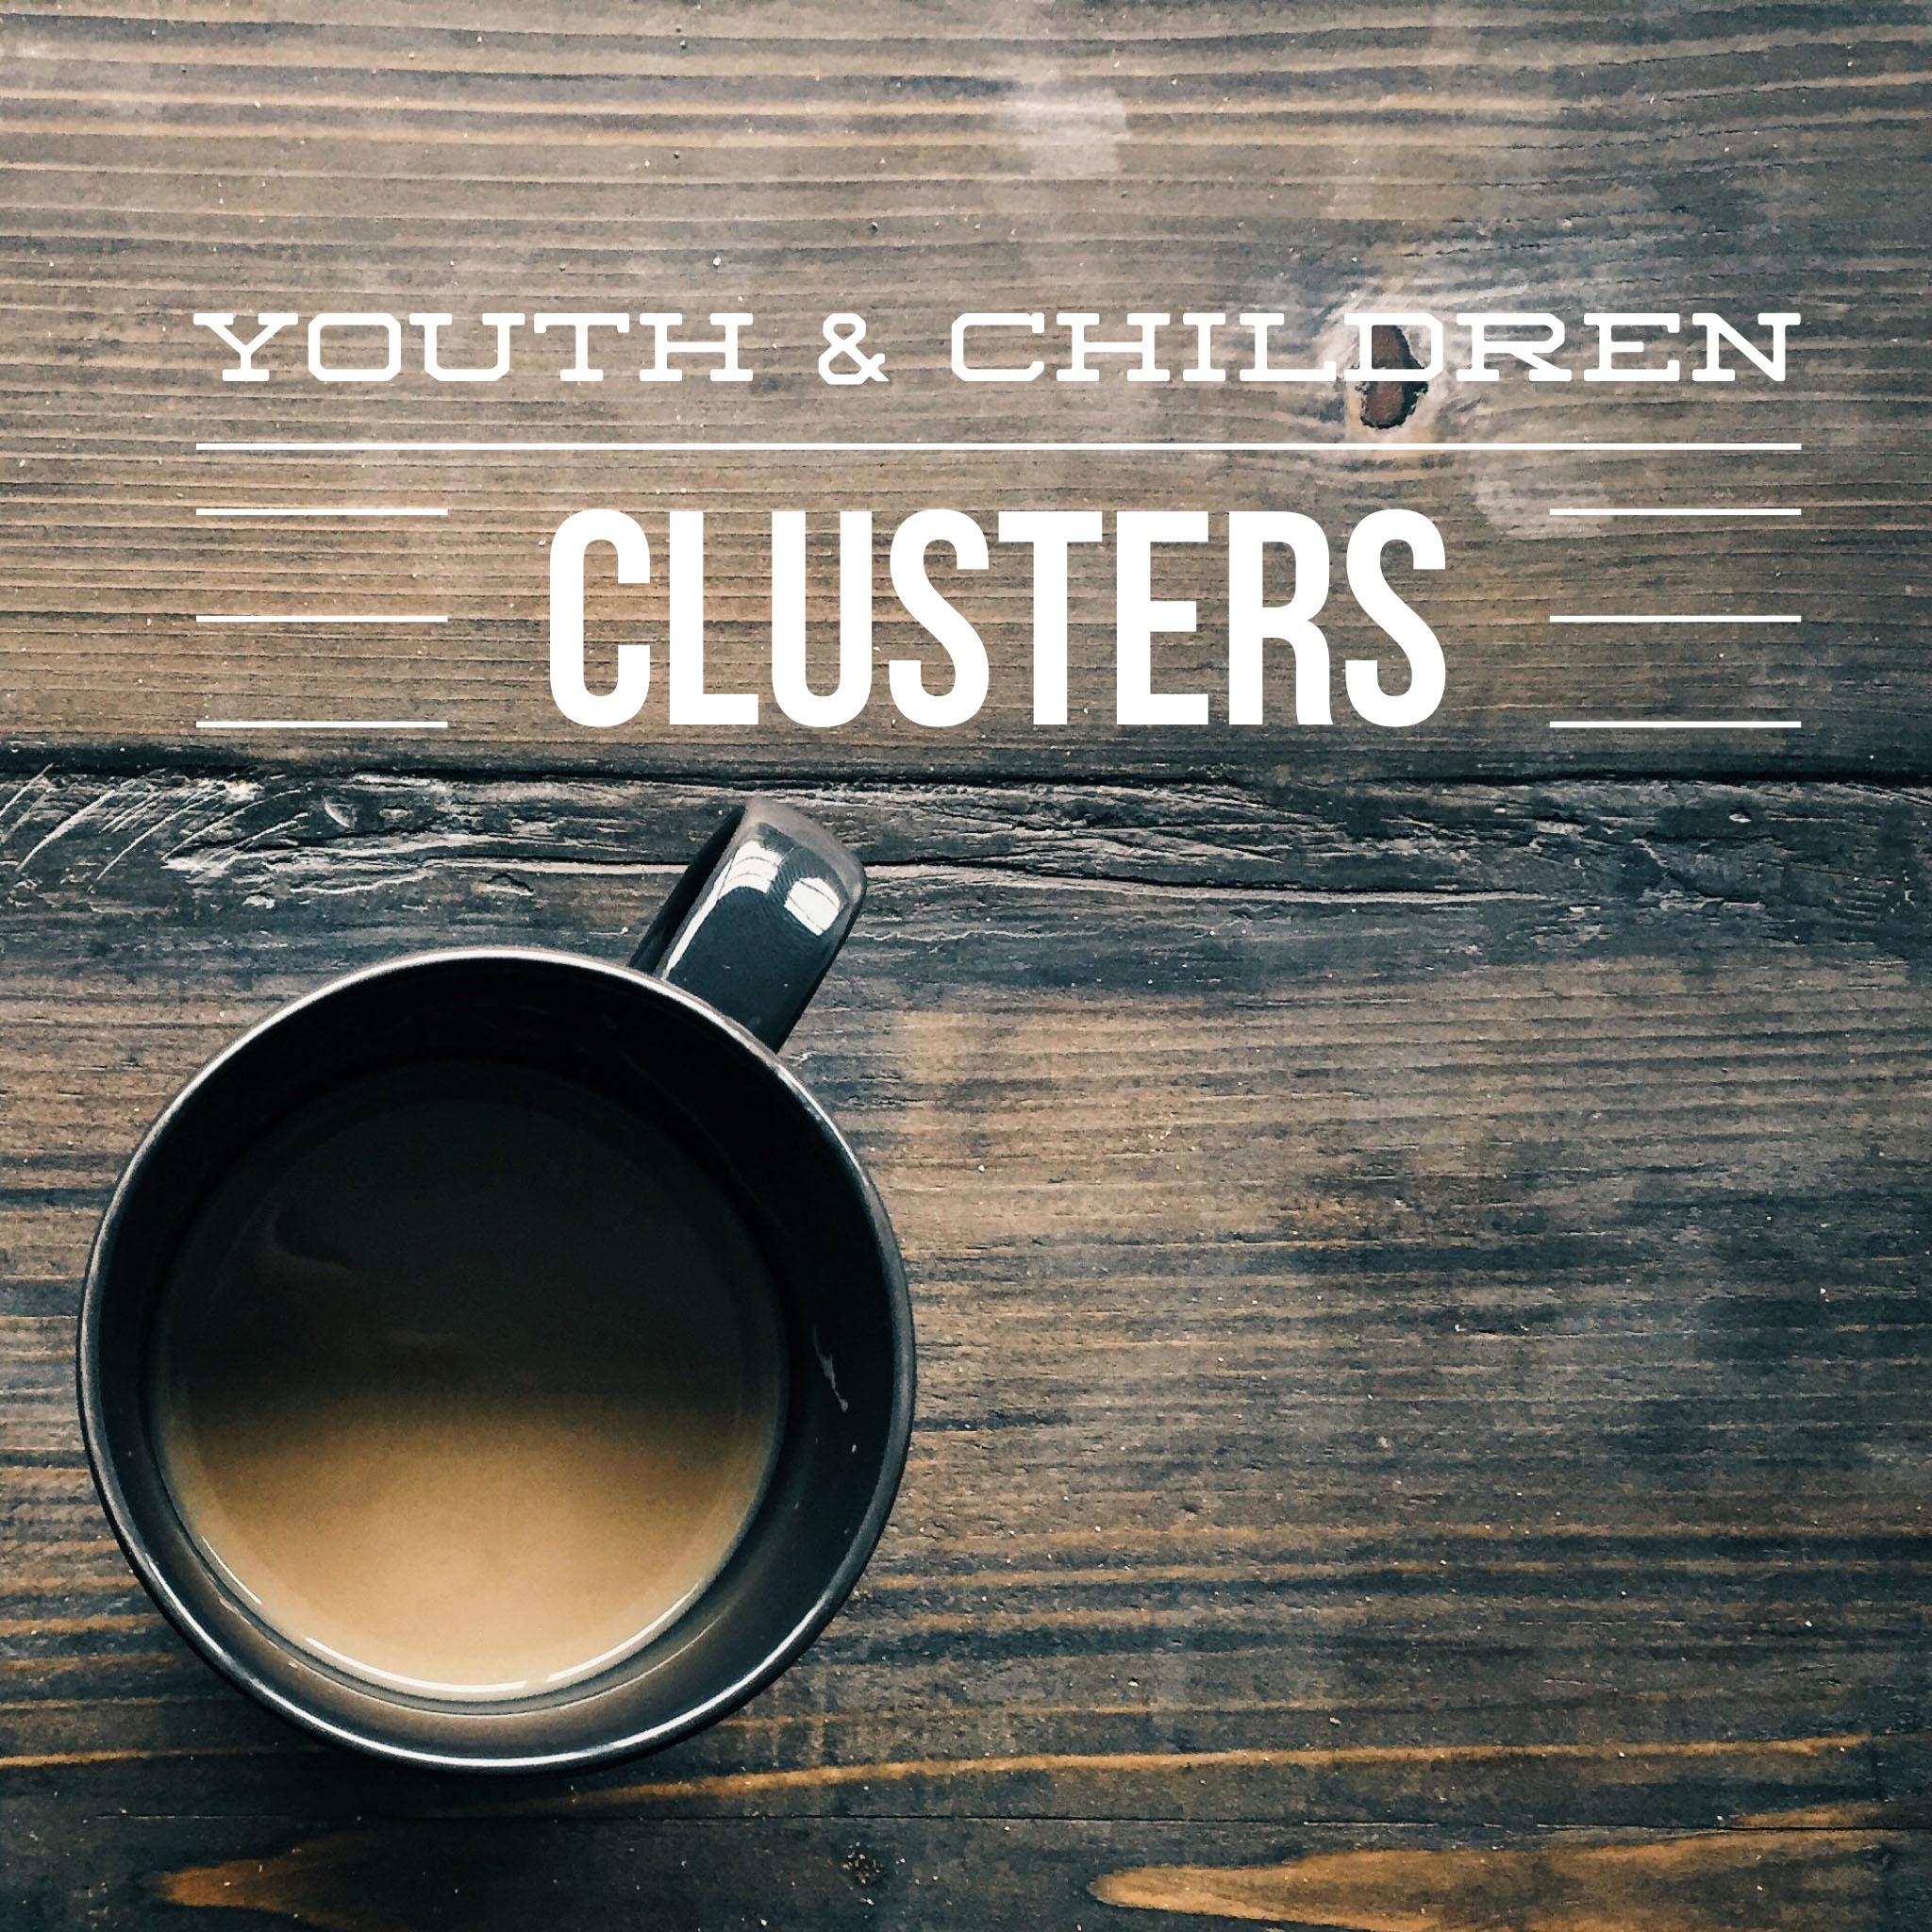 Clusters.jpg